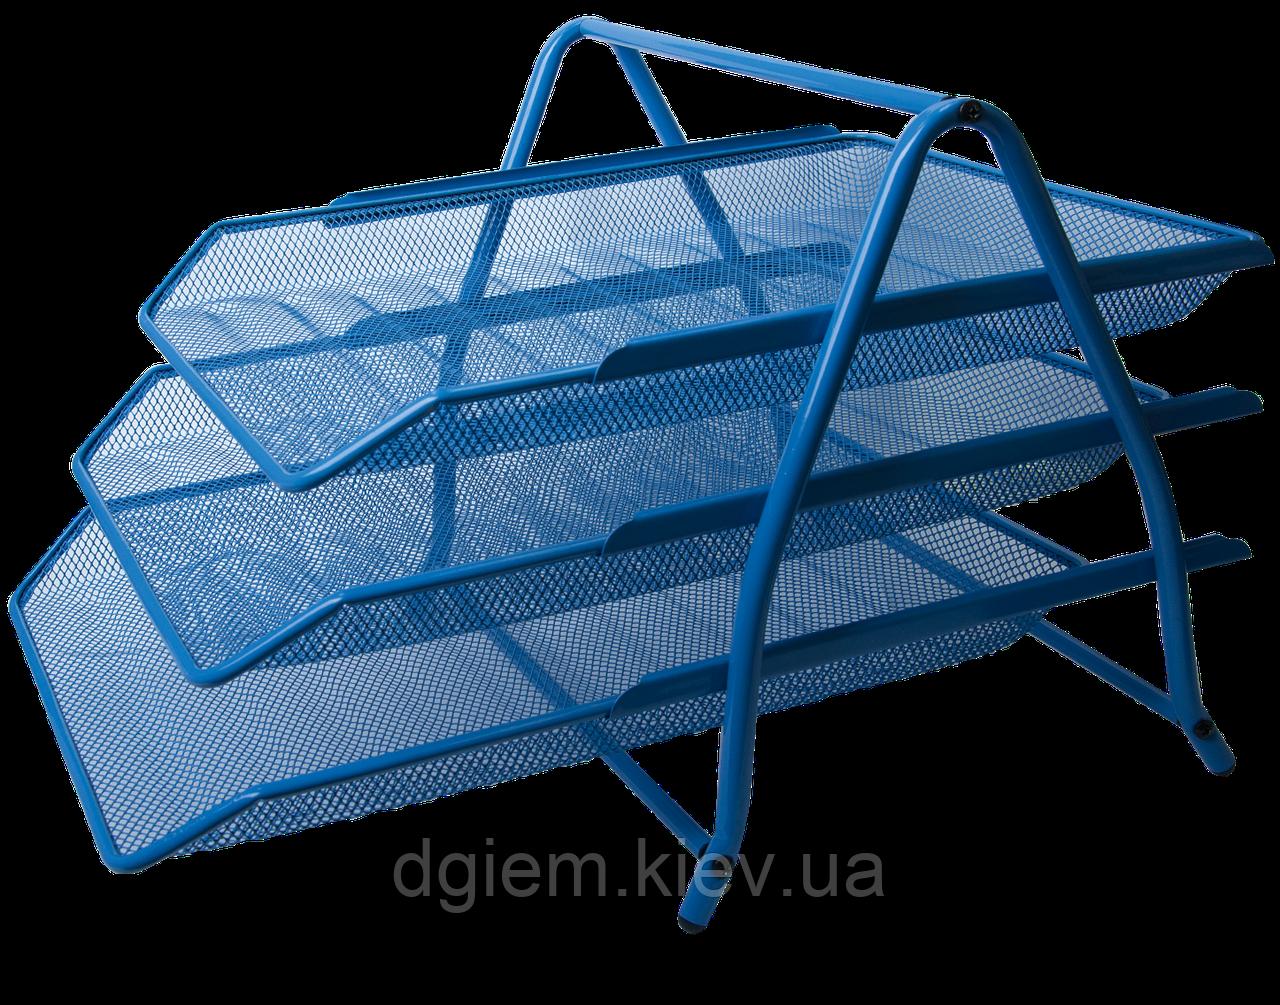 Лоток горизонтальный 3-х ярусный металлический синий